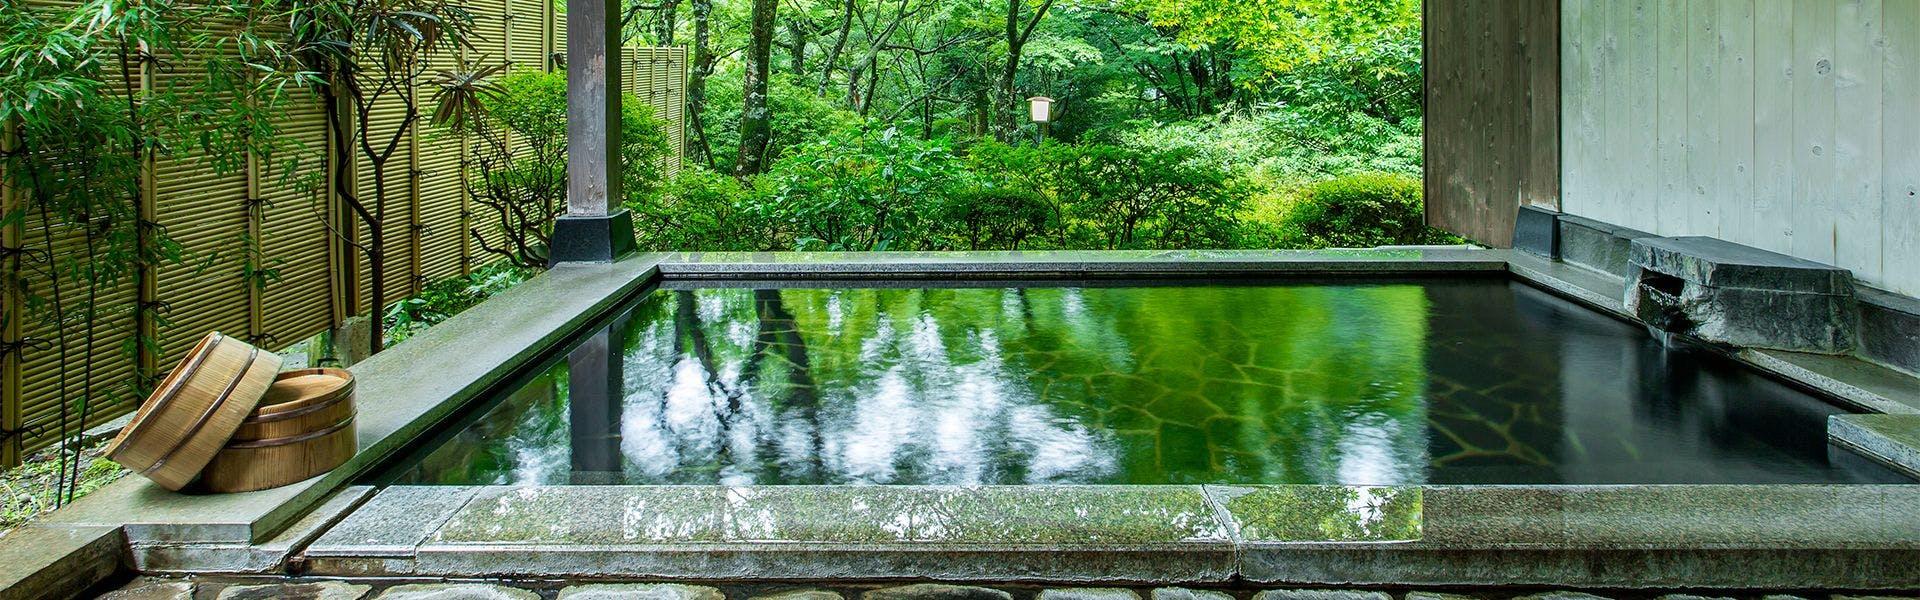 記念日におすすめのホテル・強羅温泉 自家源泉掛け流しの宿 強羅環翠楼の写真2